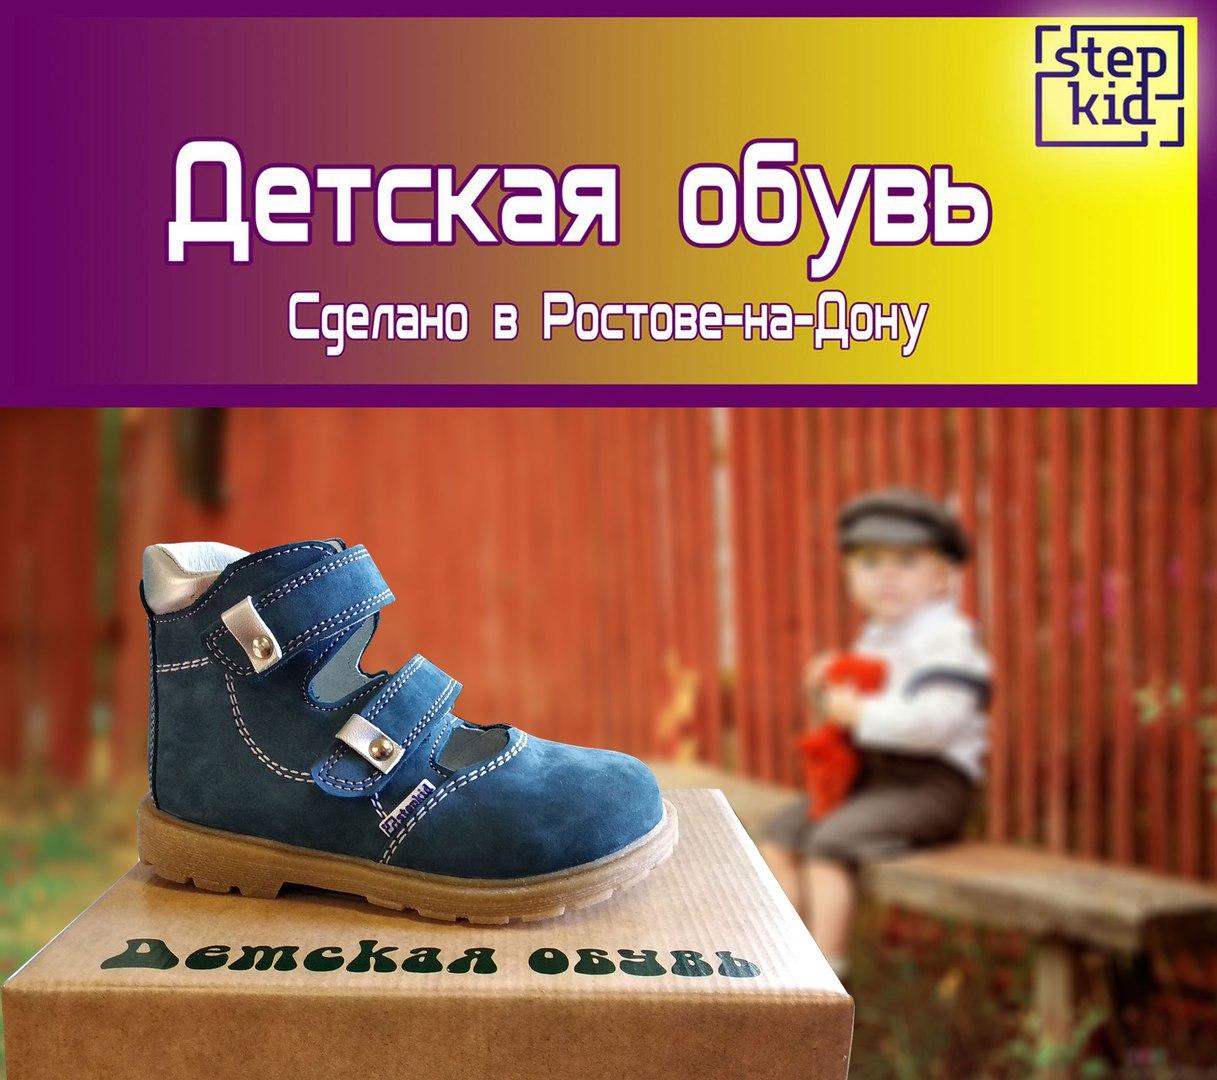 Детская ортопедическая и профилактическая обувь STEPKID  ZXCeNNEGEA4